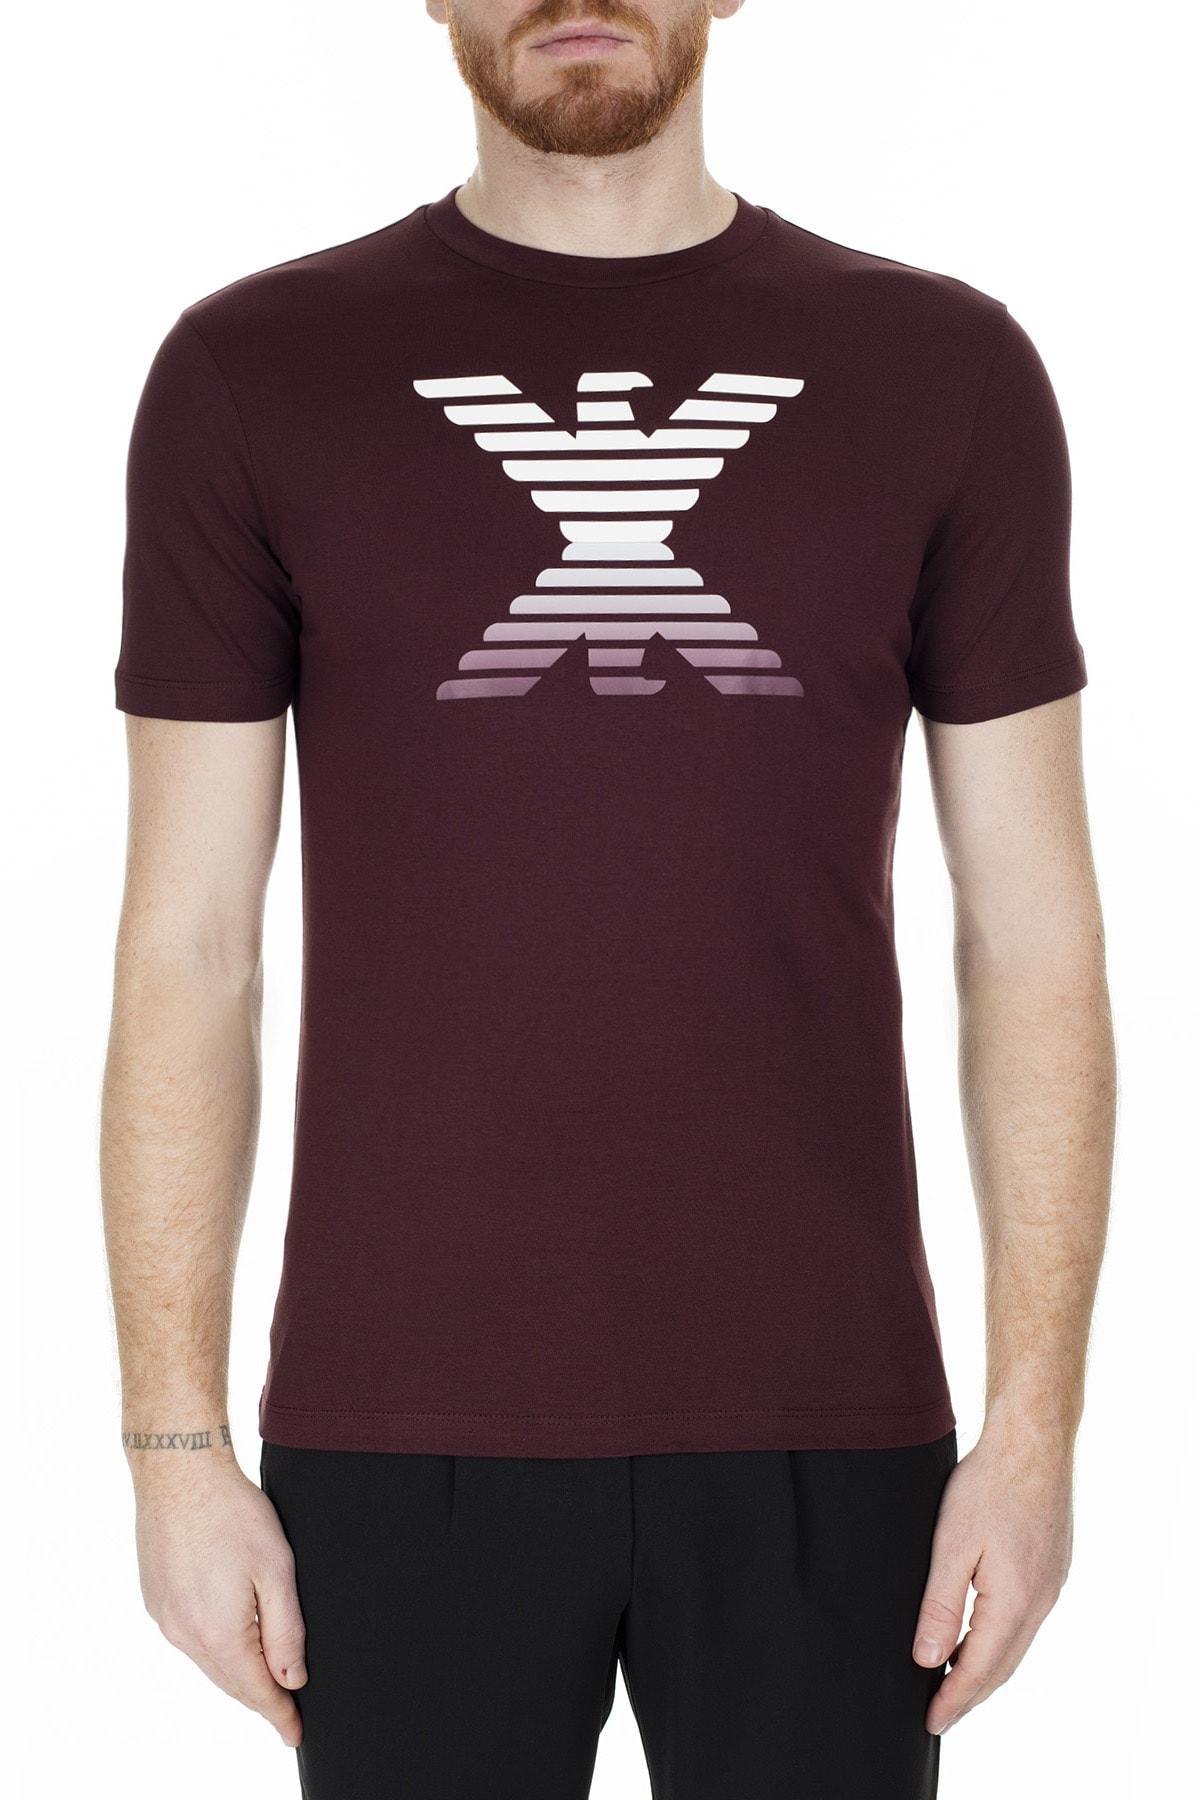 Emporio Armani Bordo Erkek T-Shirt